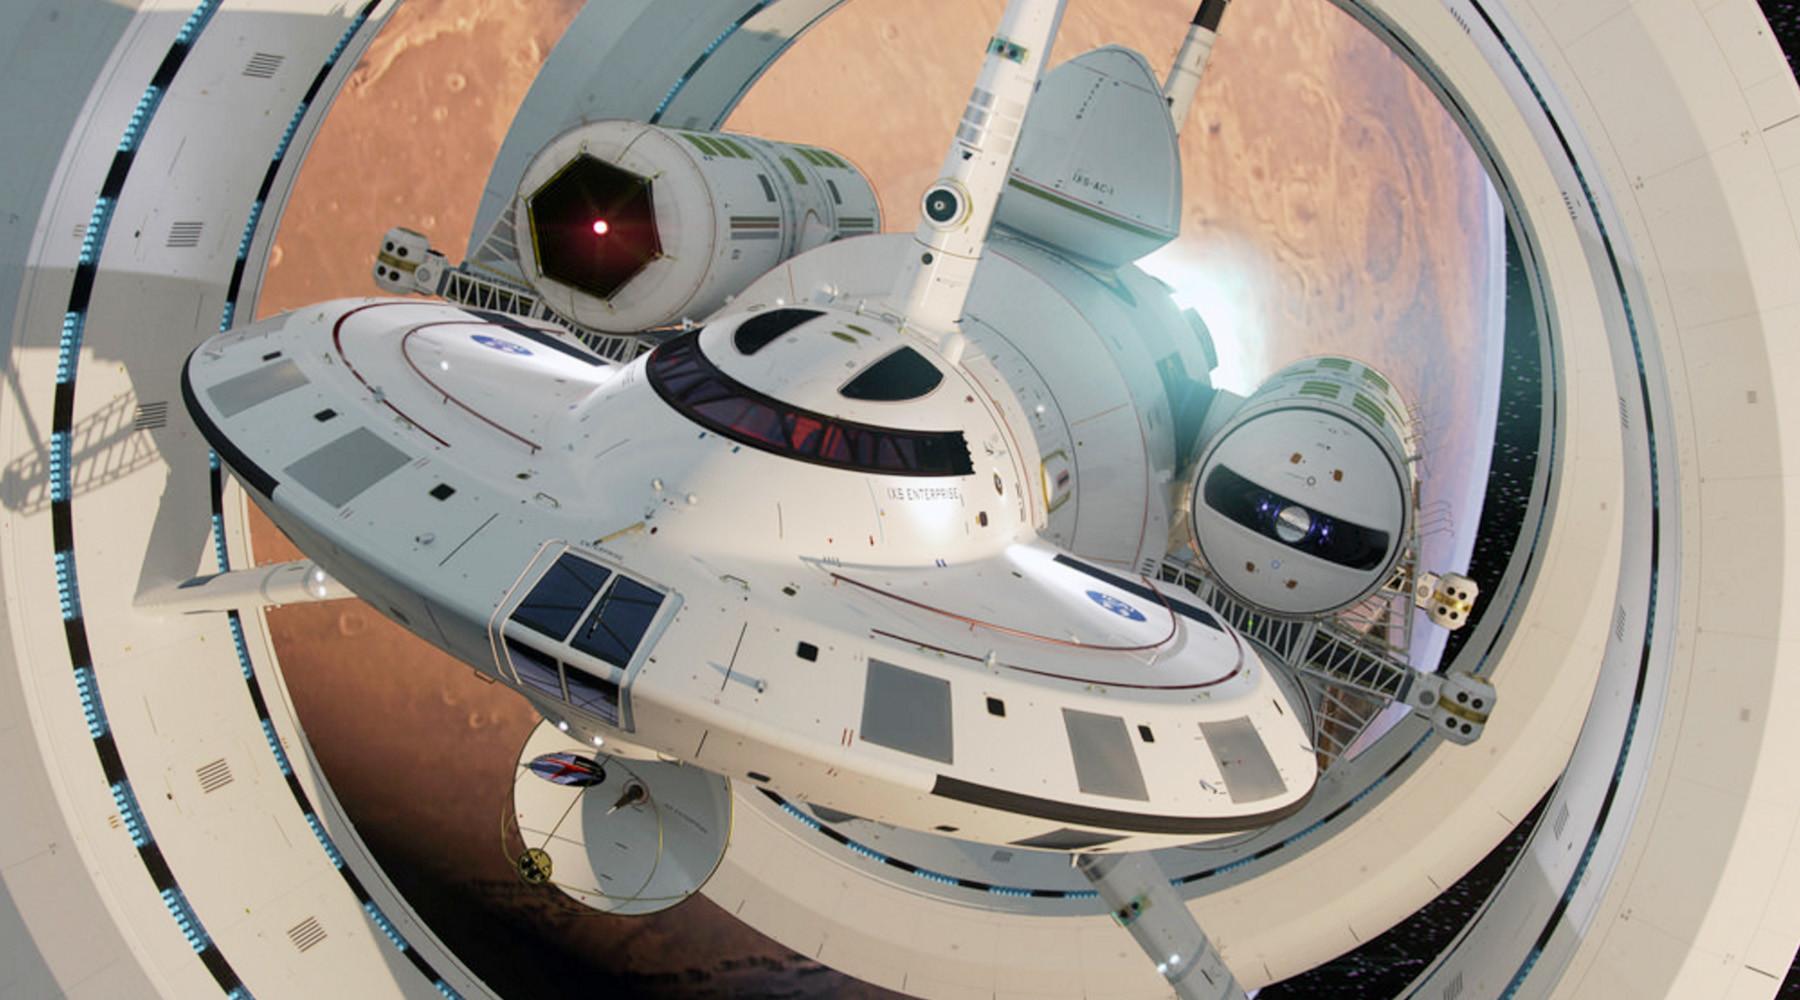 nasa future spaceship - HD1800×1000